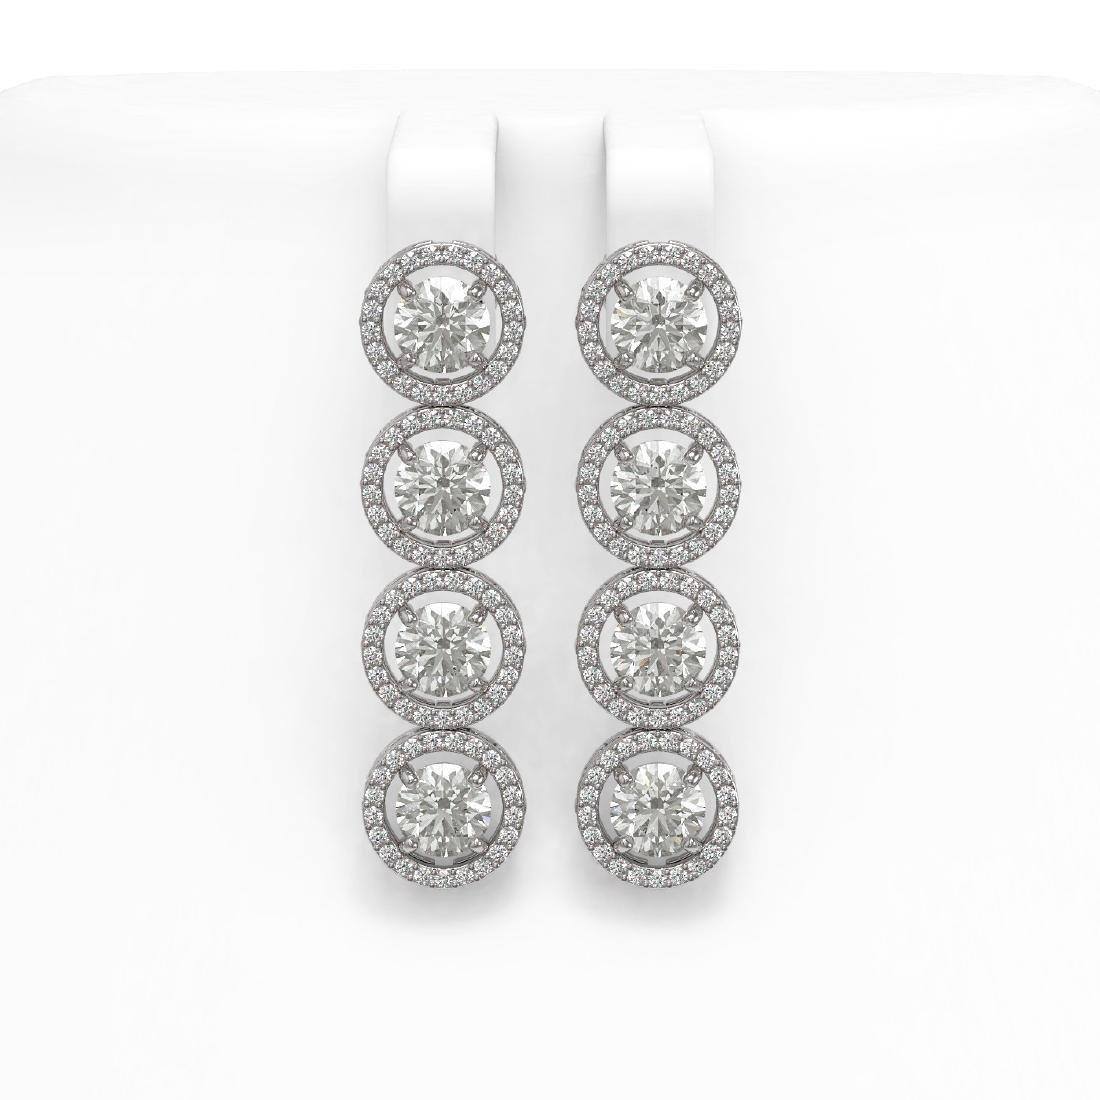 6.14 CTW Diamond Designer Earrings 18K White Gold